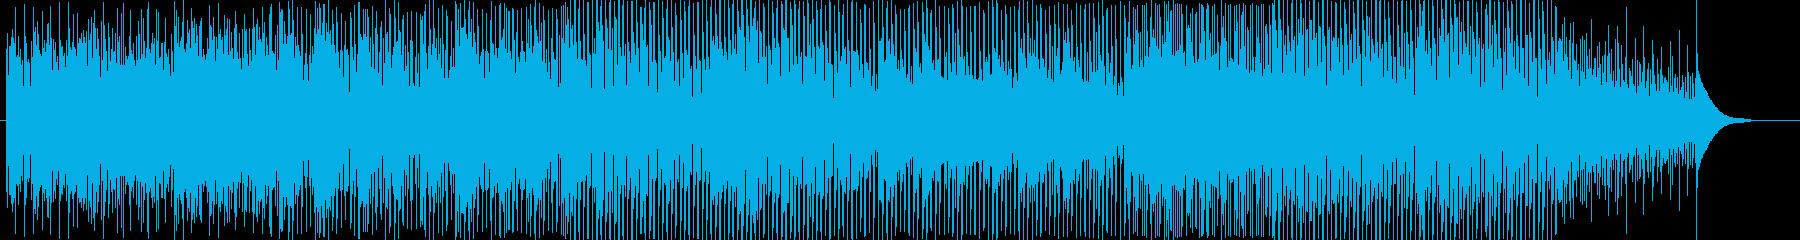 動画 サスペンス 技術的な adv...の再生済みの波形